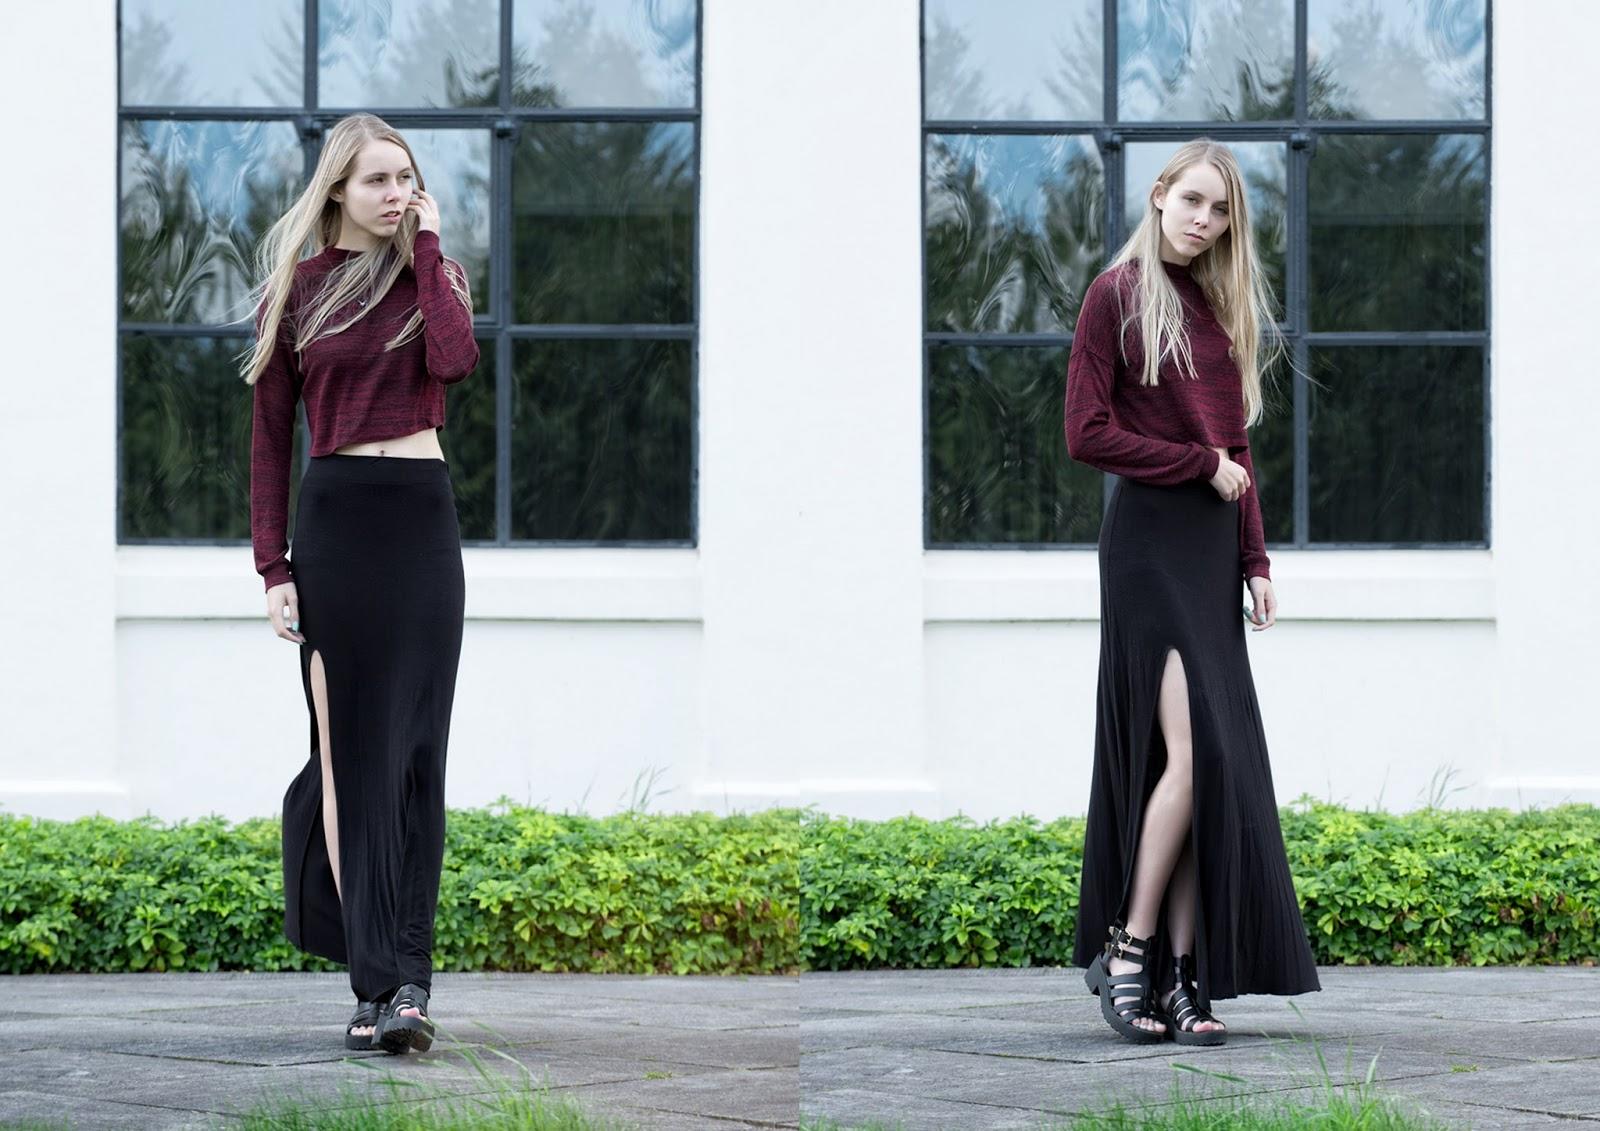 Herfst outfit inspiratie lange rok met split wijnrood truitje Nummer Zestien store ketting vosje nederlands mode blog